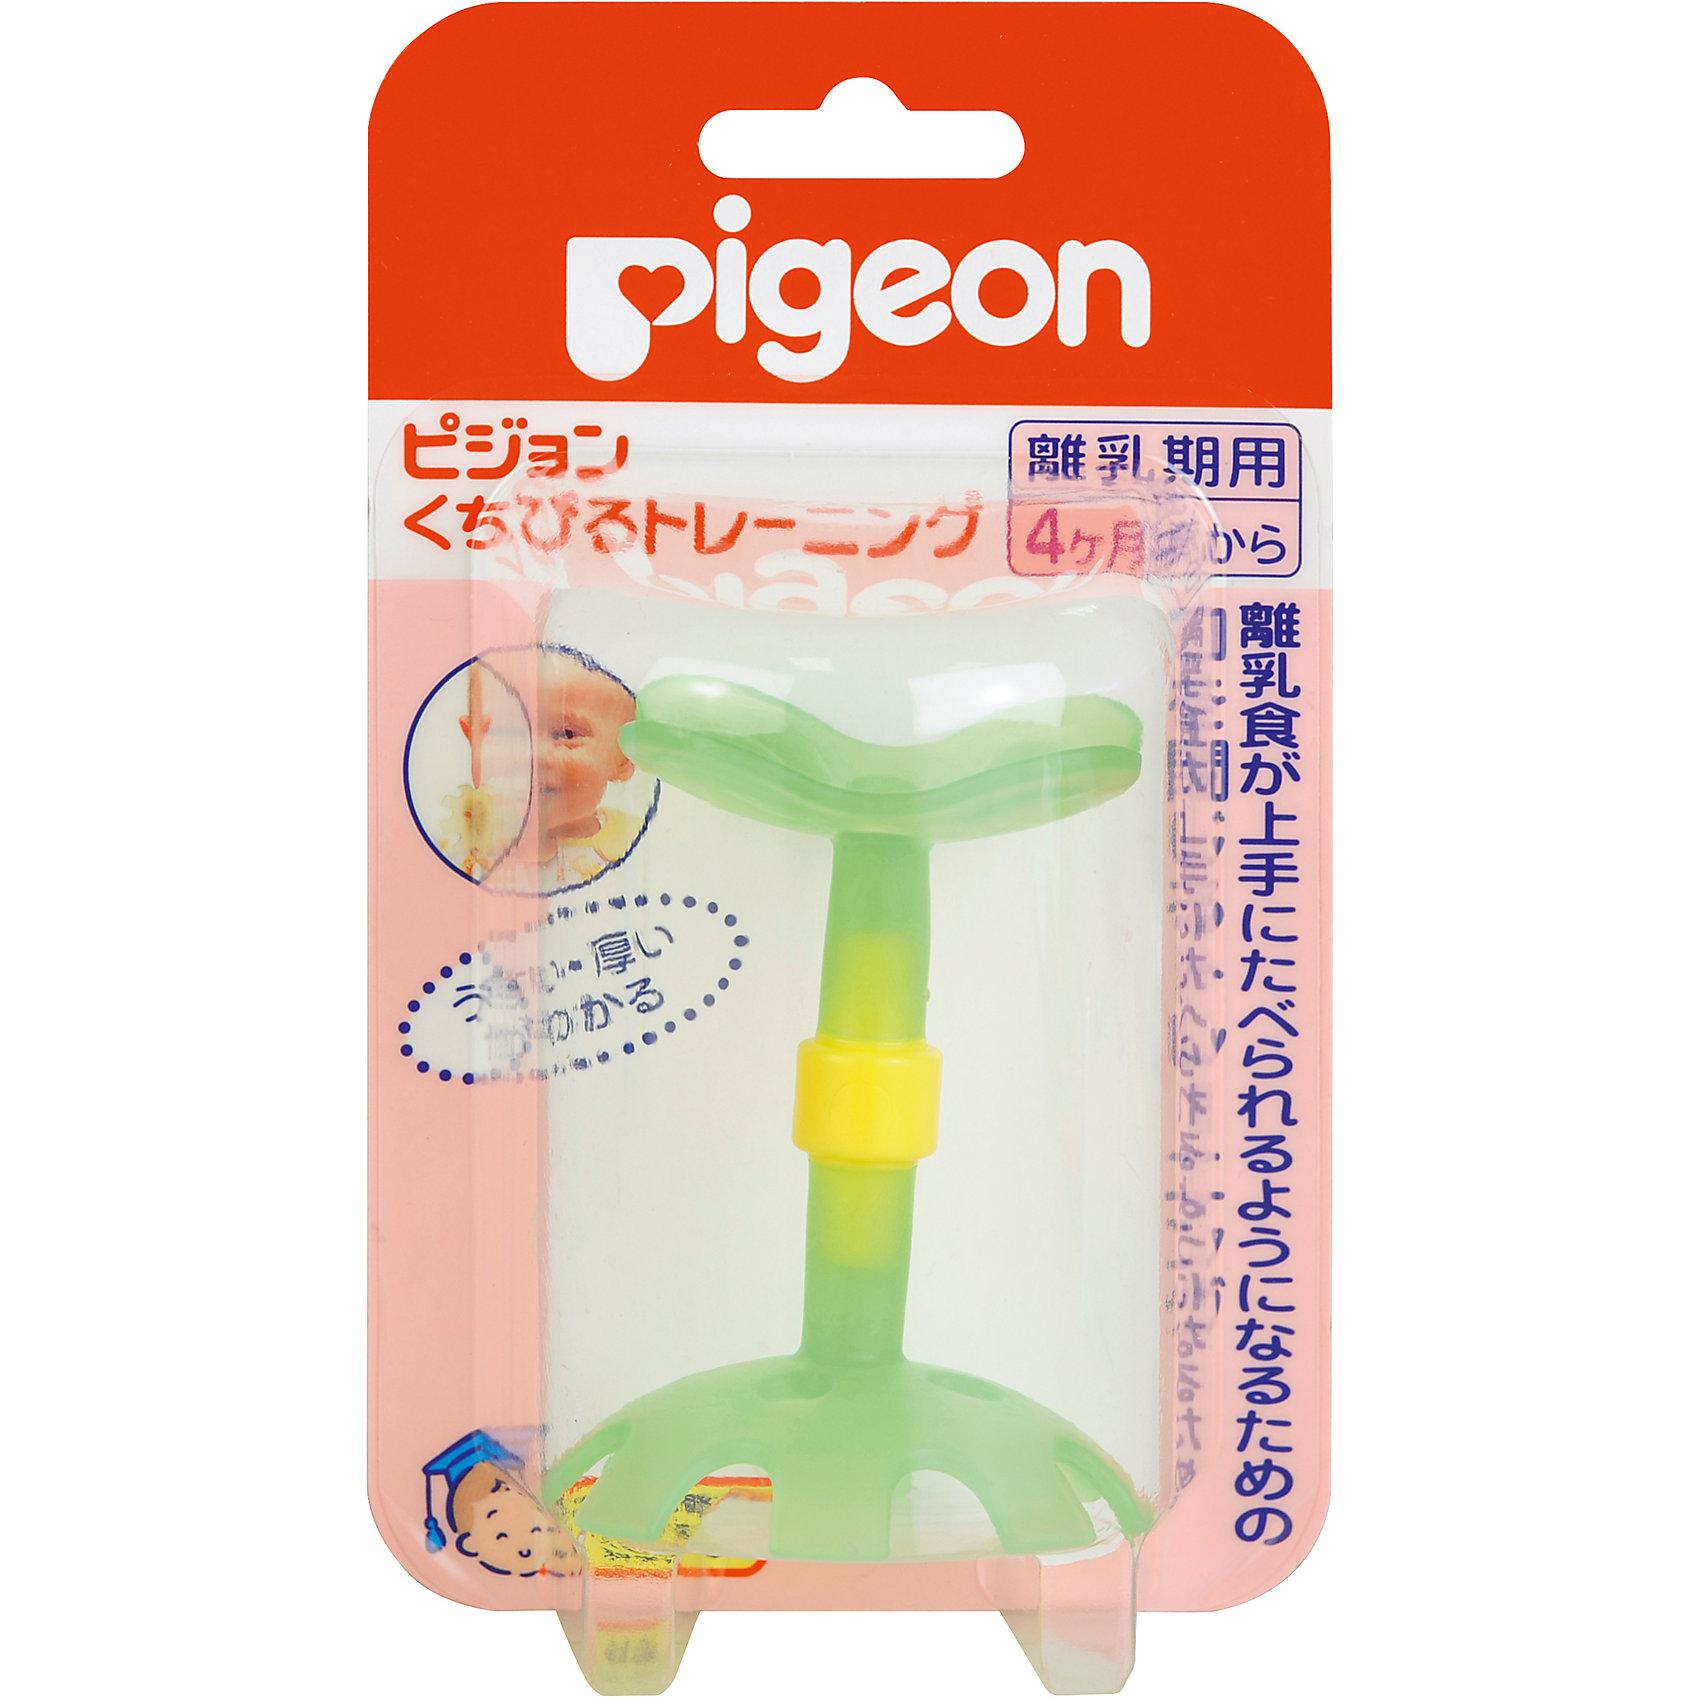 Прорезыватель с 4-х месяцев, Pigeon